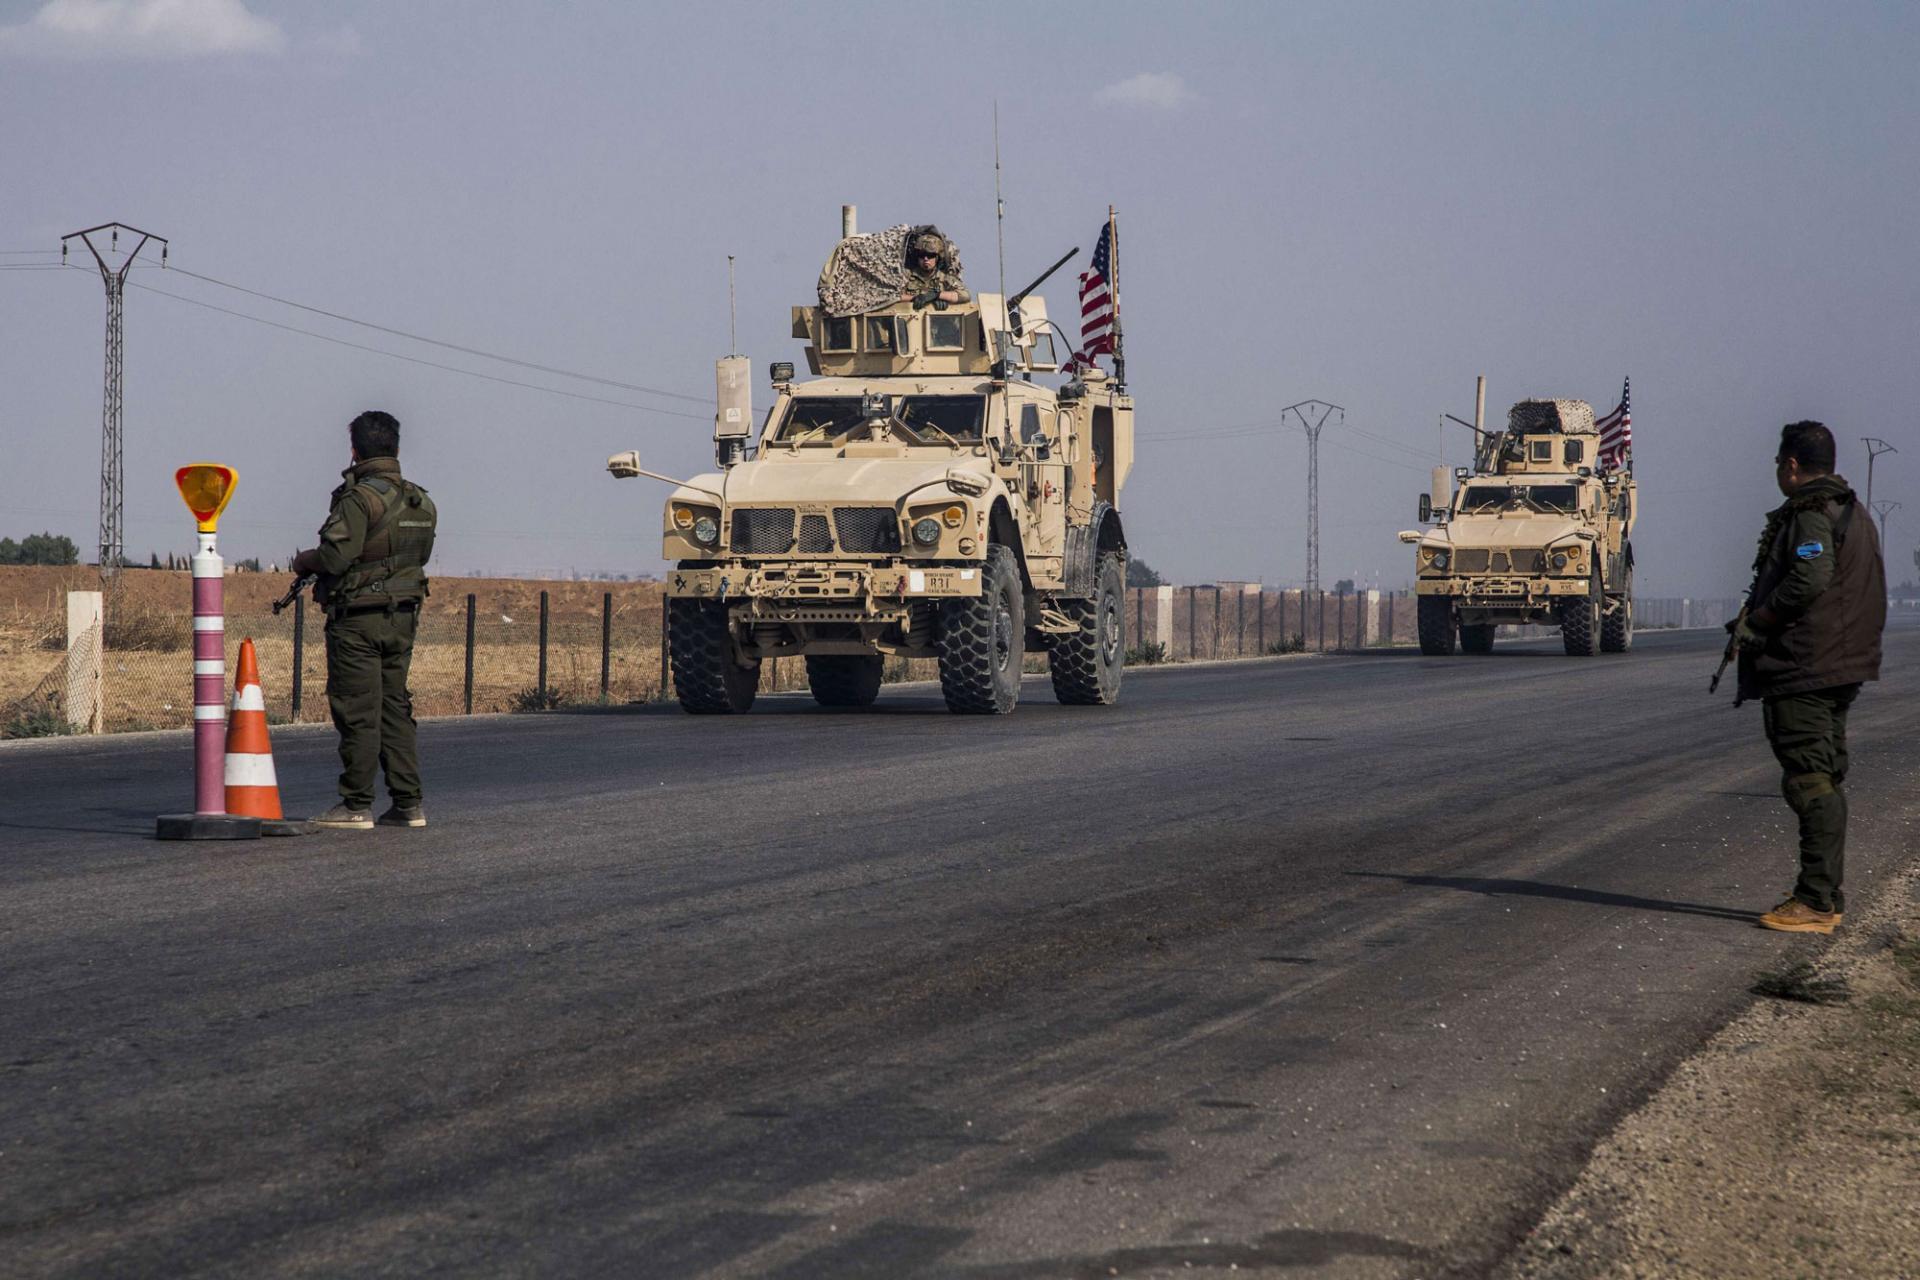 القوات الأمريكية تدخل تعزيزات عسكرية جديدة إلى الشدادي  بريف الحسكة